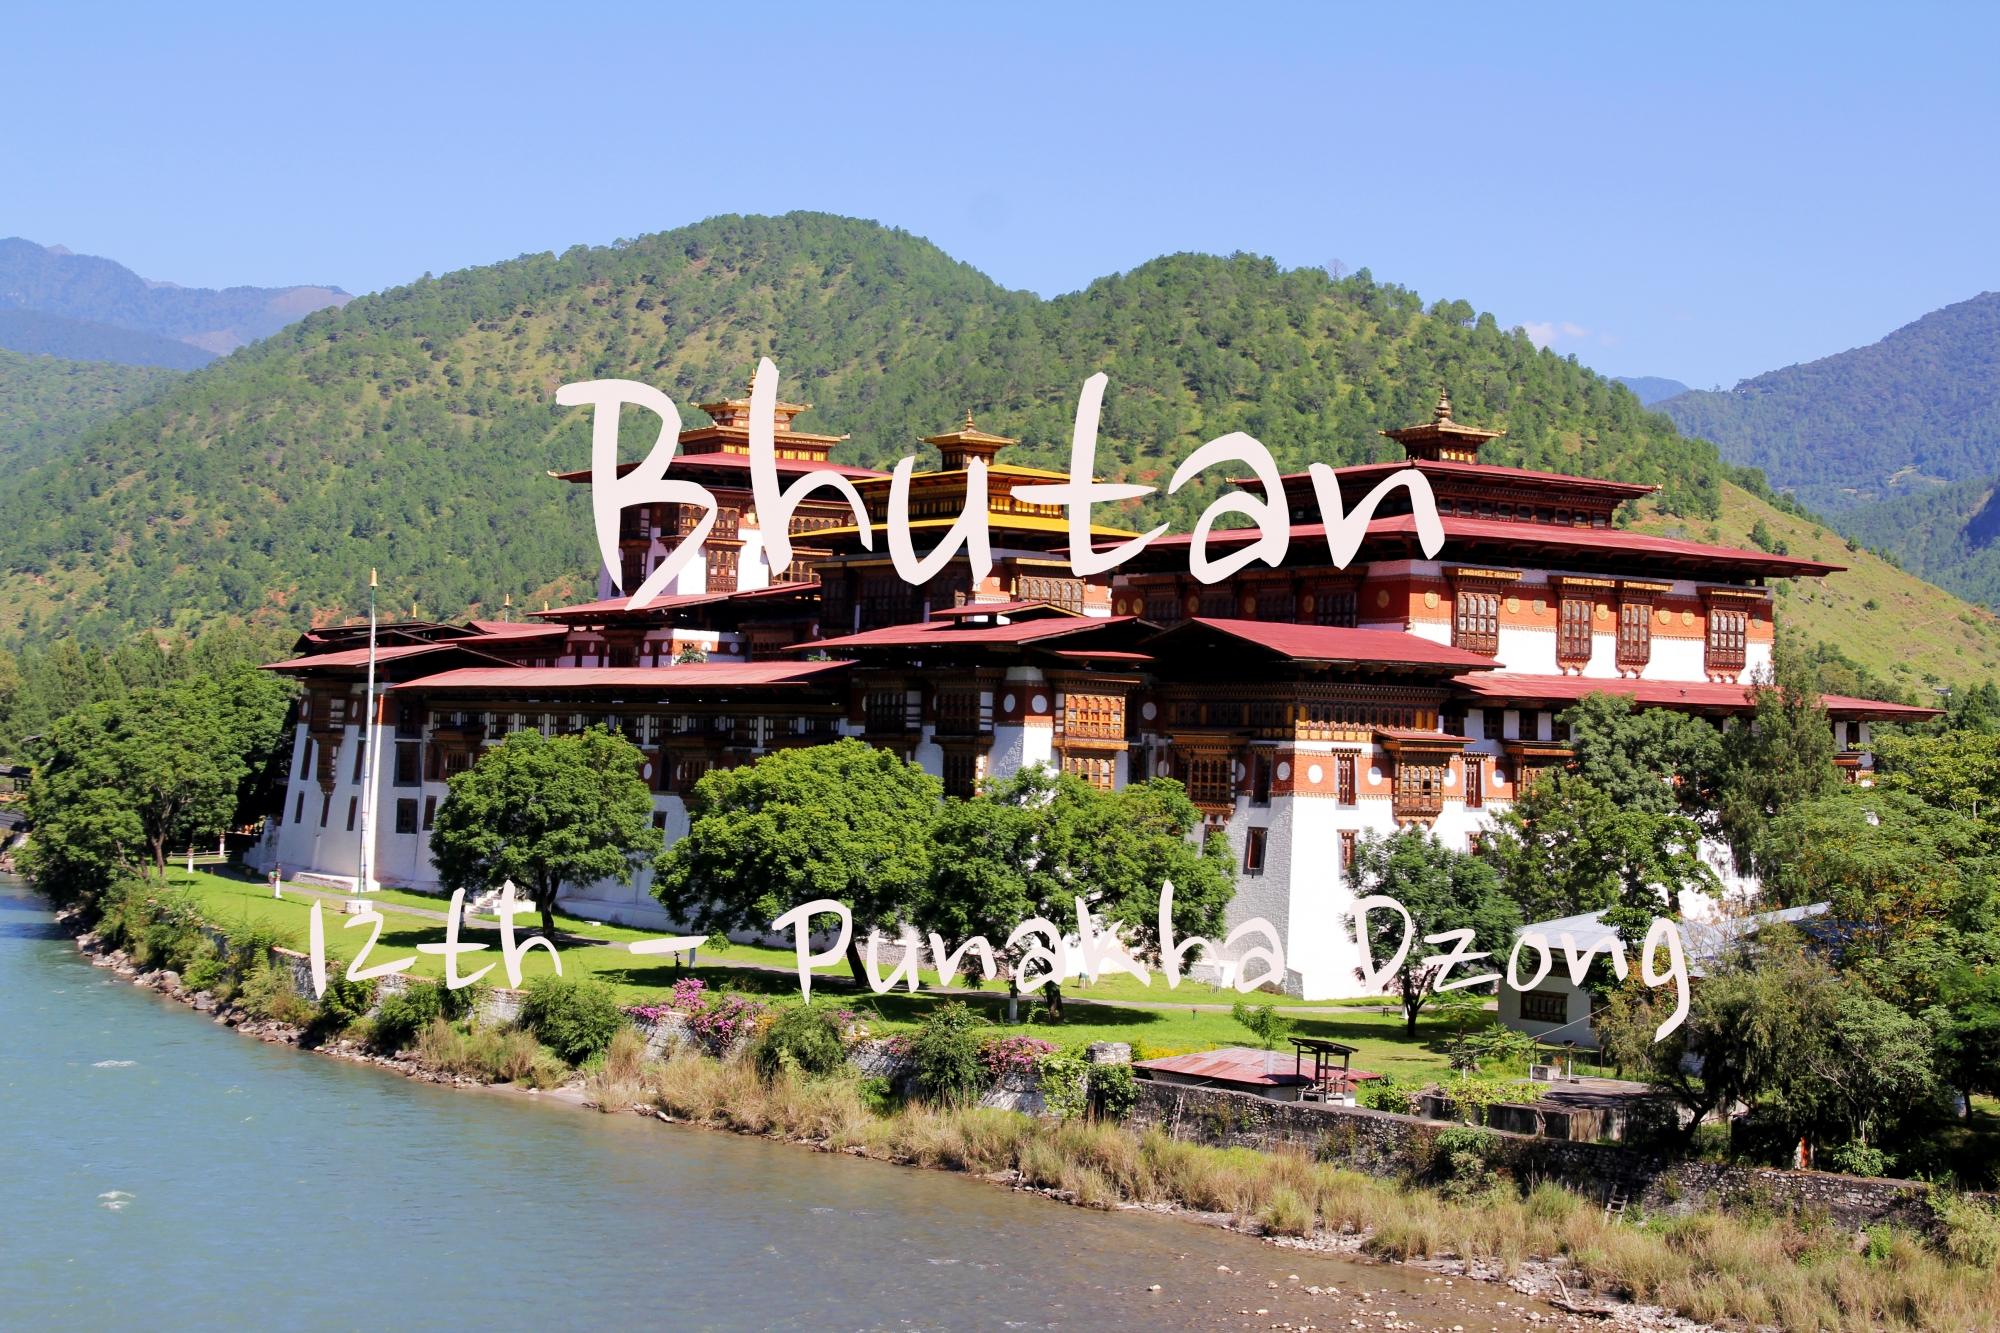 제13화 - 부탄 건축의 걸작, 푸나카